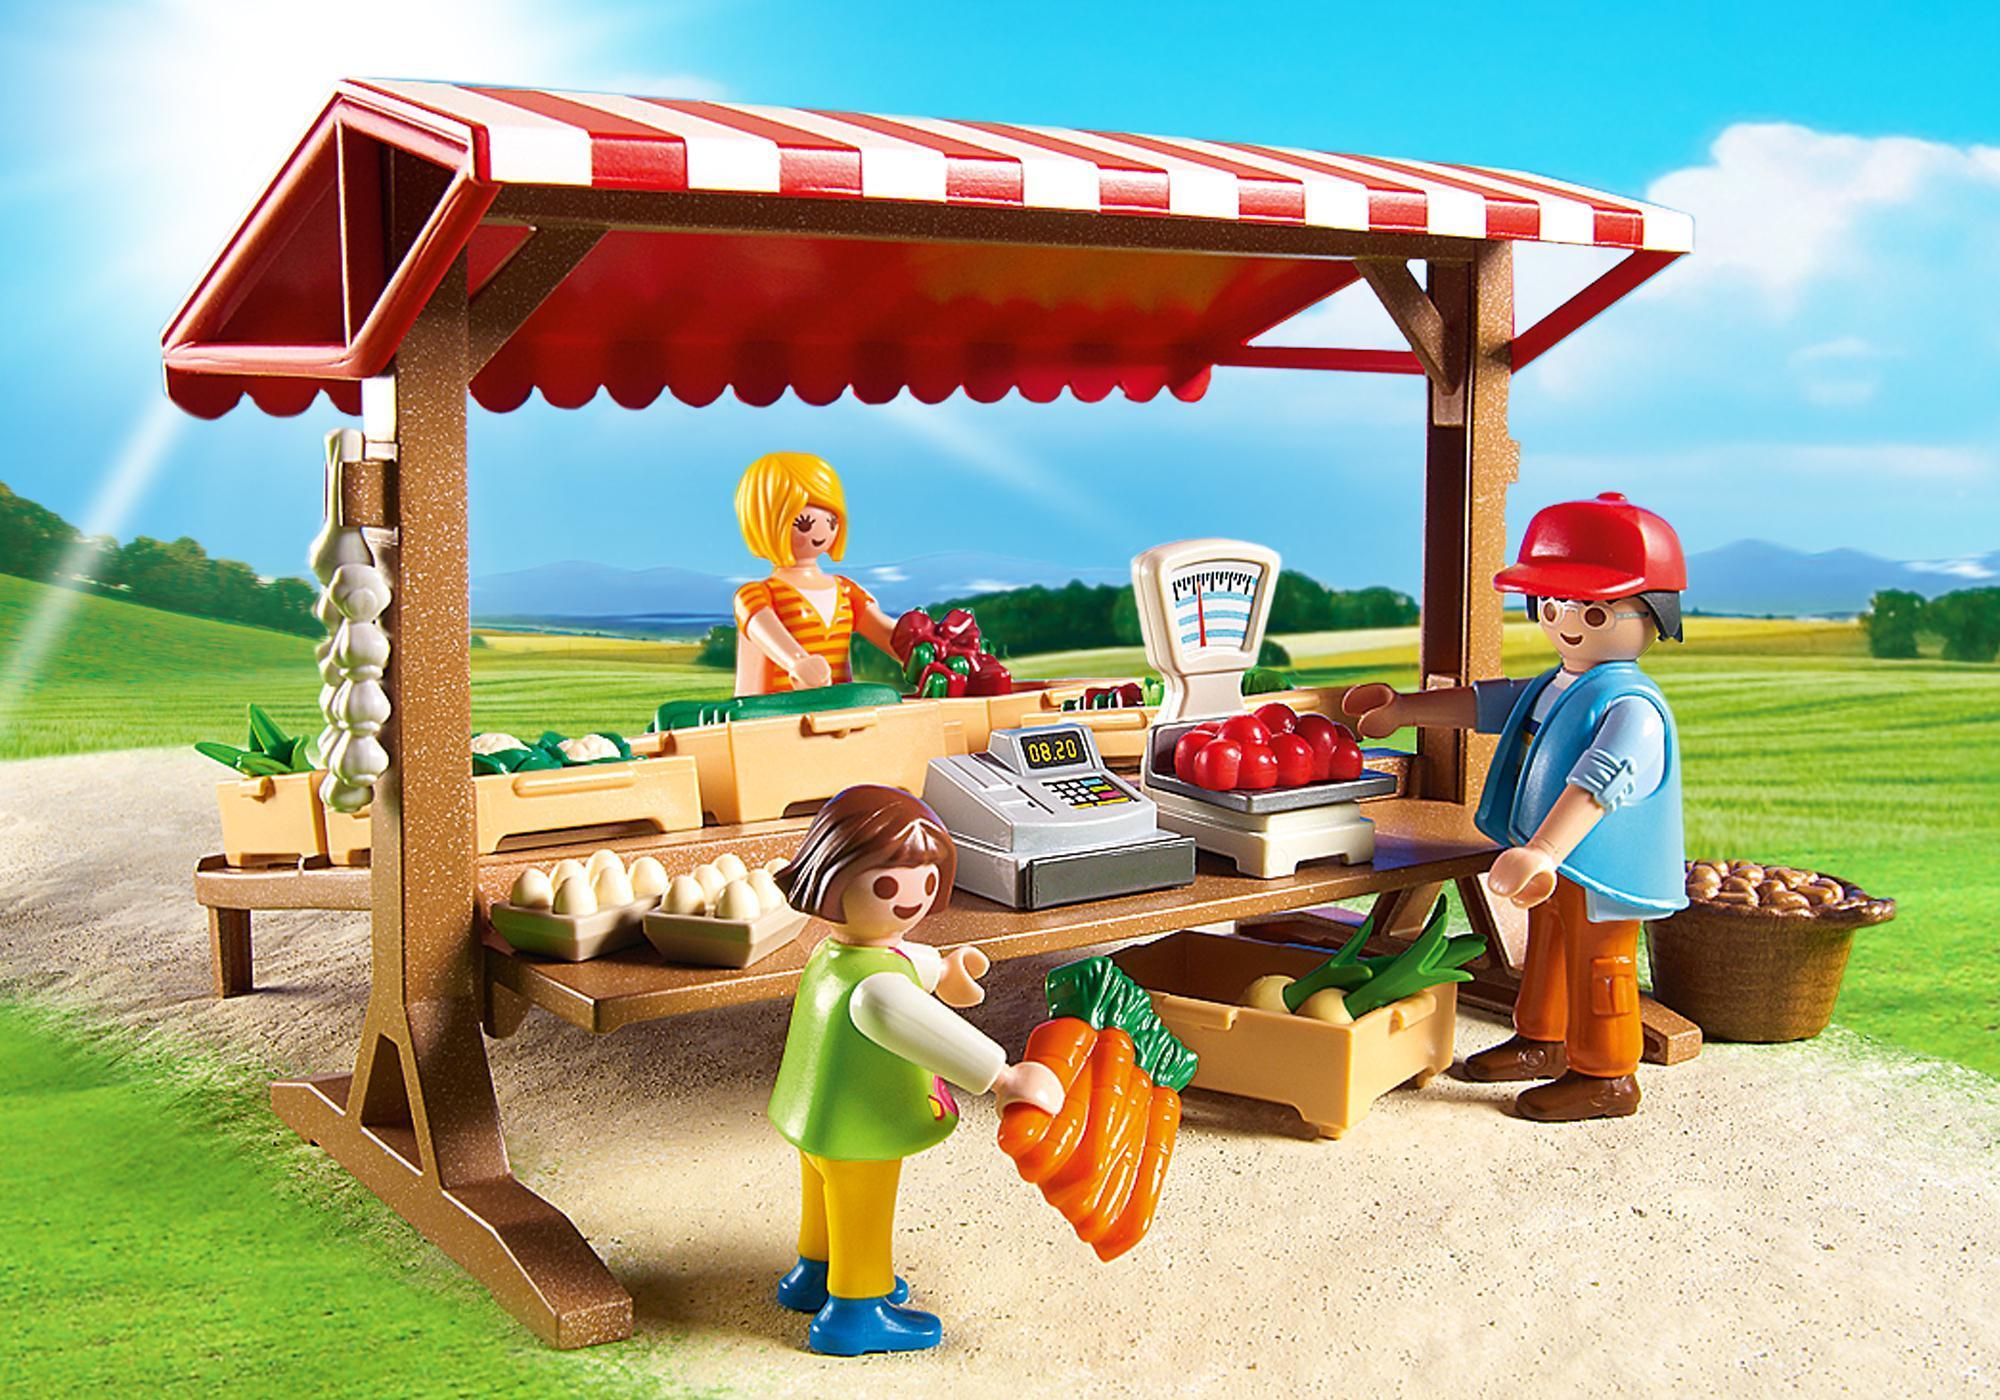 http://media.playmobil.com/i/playmobil/6121_product_extra1/Mercado